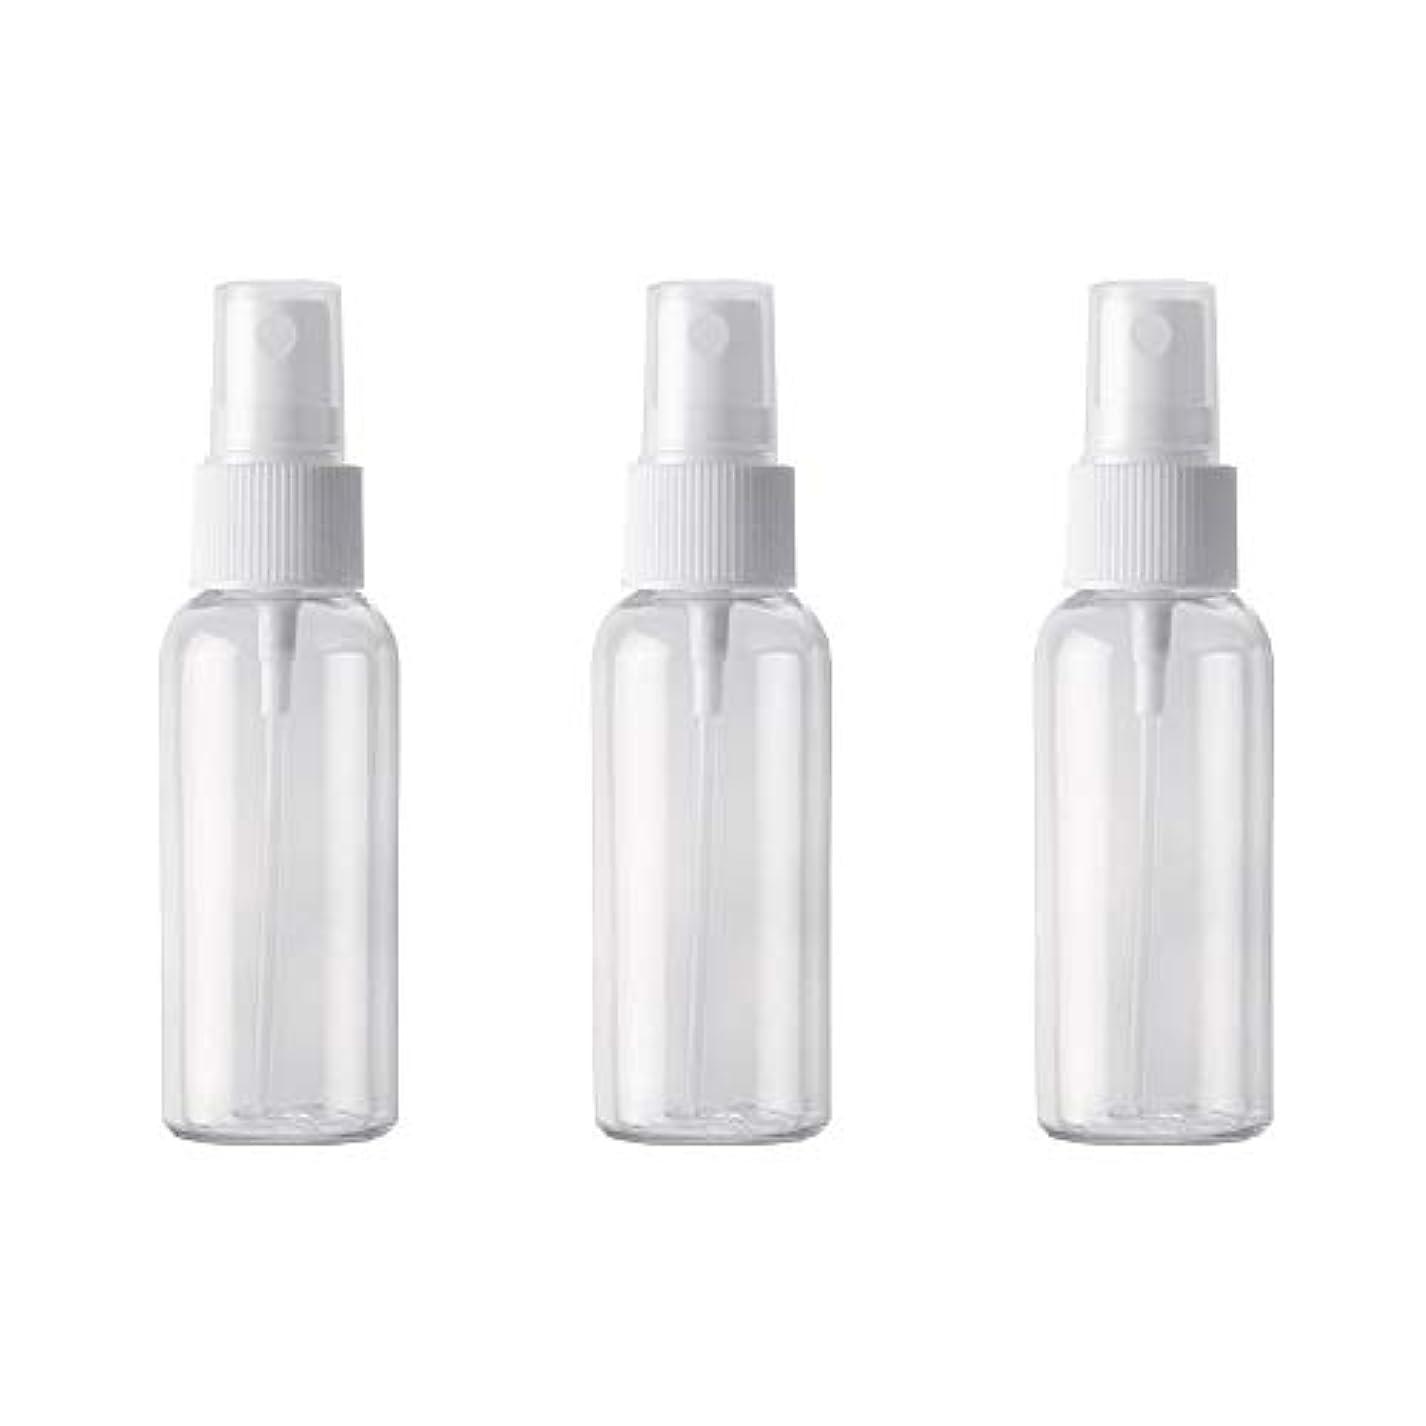 虫を数えるラショナル専門知識小分けボトル トラベルボトル スプレーボトル セット 霧吹き 小分け容器 (50ml )